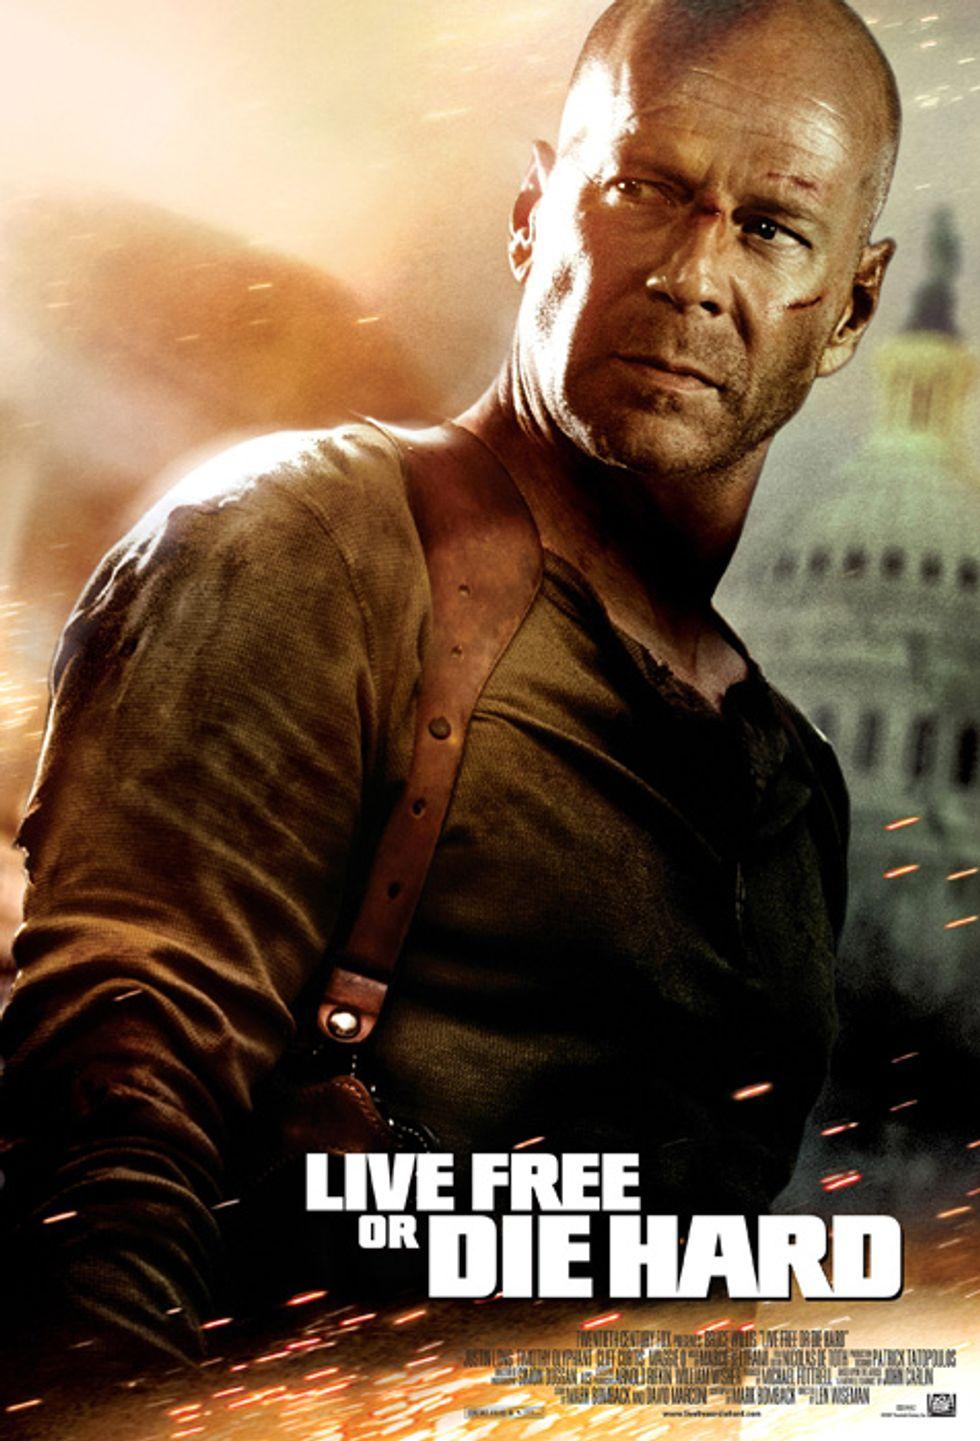 Live Free or Die Hard Premiere